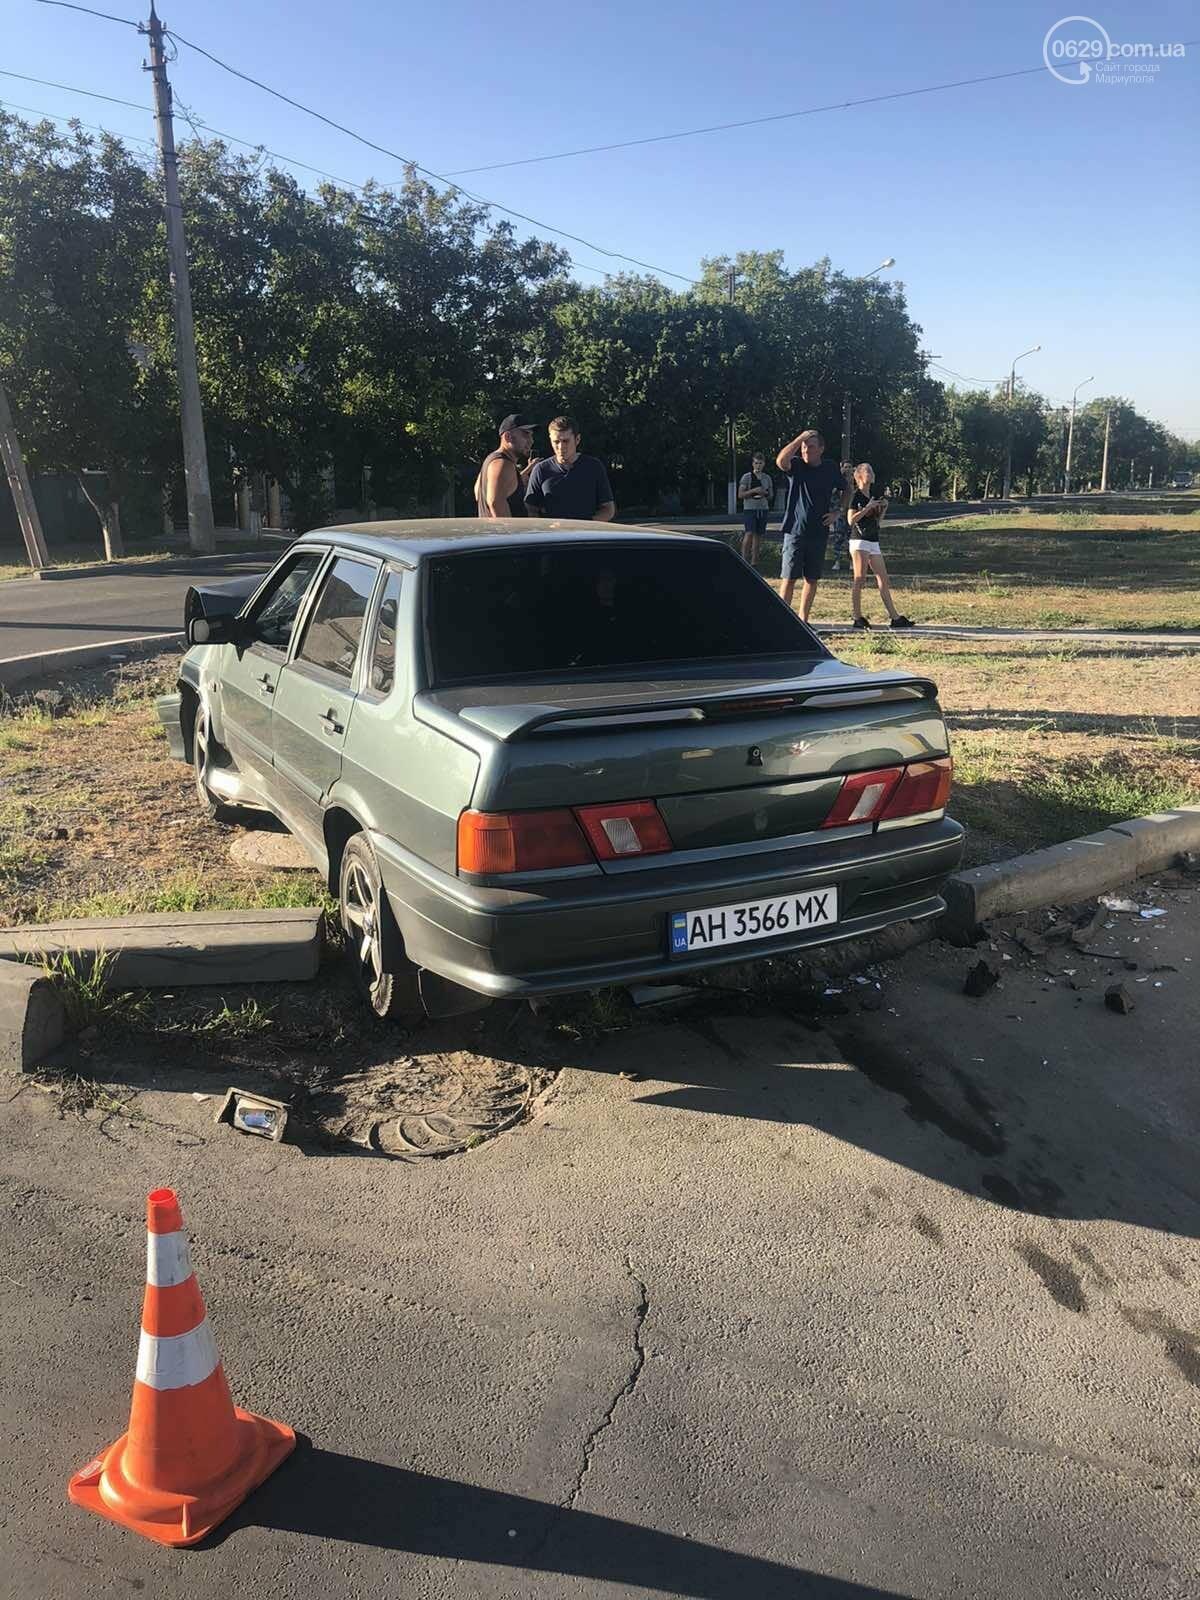 В Мариуполе на перекрестке столкнулись ВАЗ и Toyota. Пострадал 23-летний парень, - ФОТО, фото-6